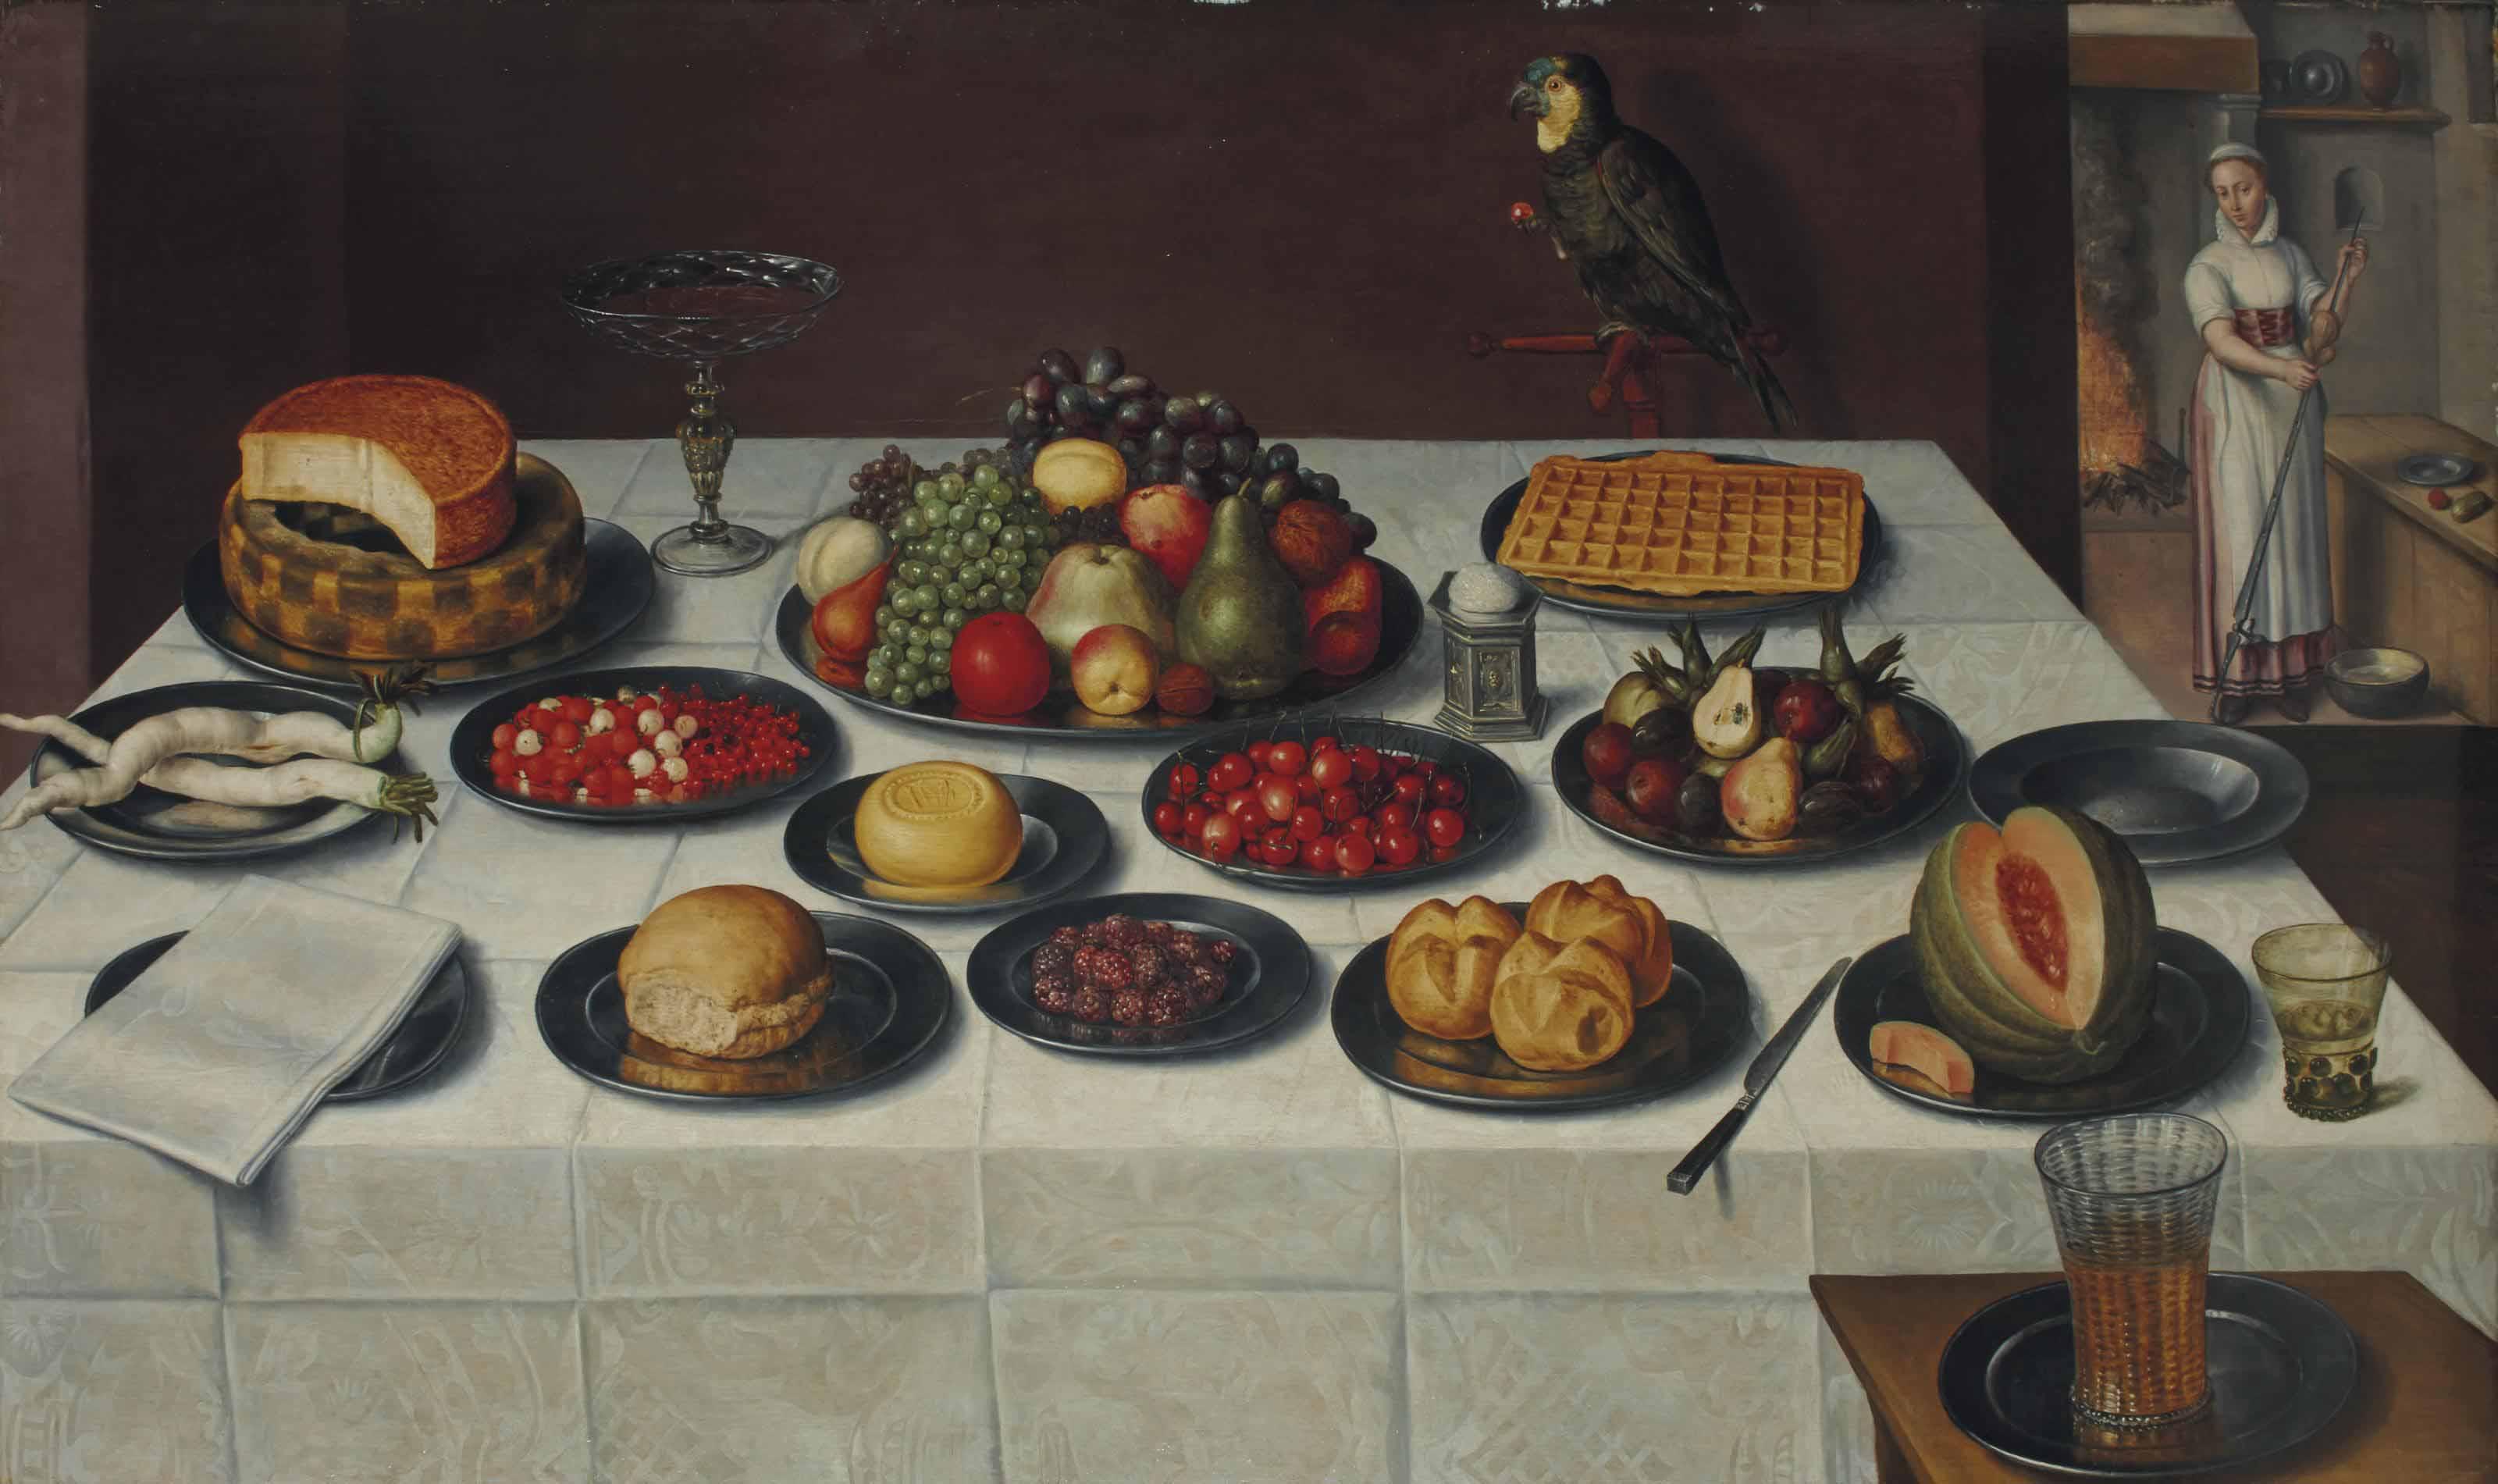 Mûres, cerises, poires, melon et autres fruits, panais, pain,  fromages et une gauffre, roemer, tazza et salière sur une table drapée